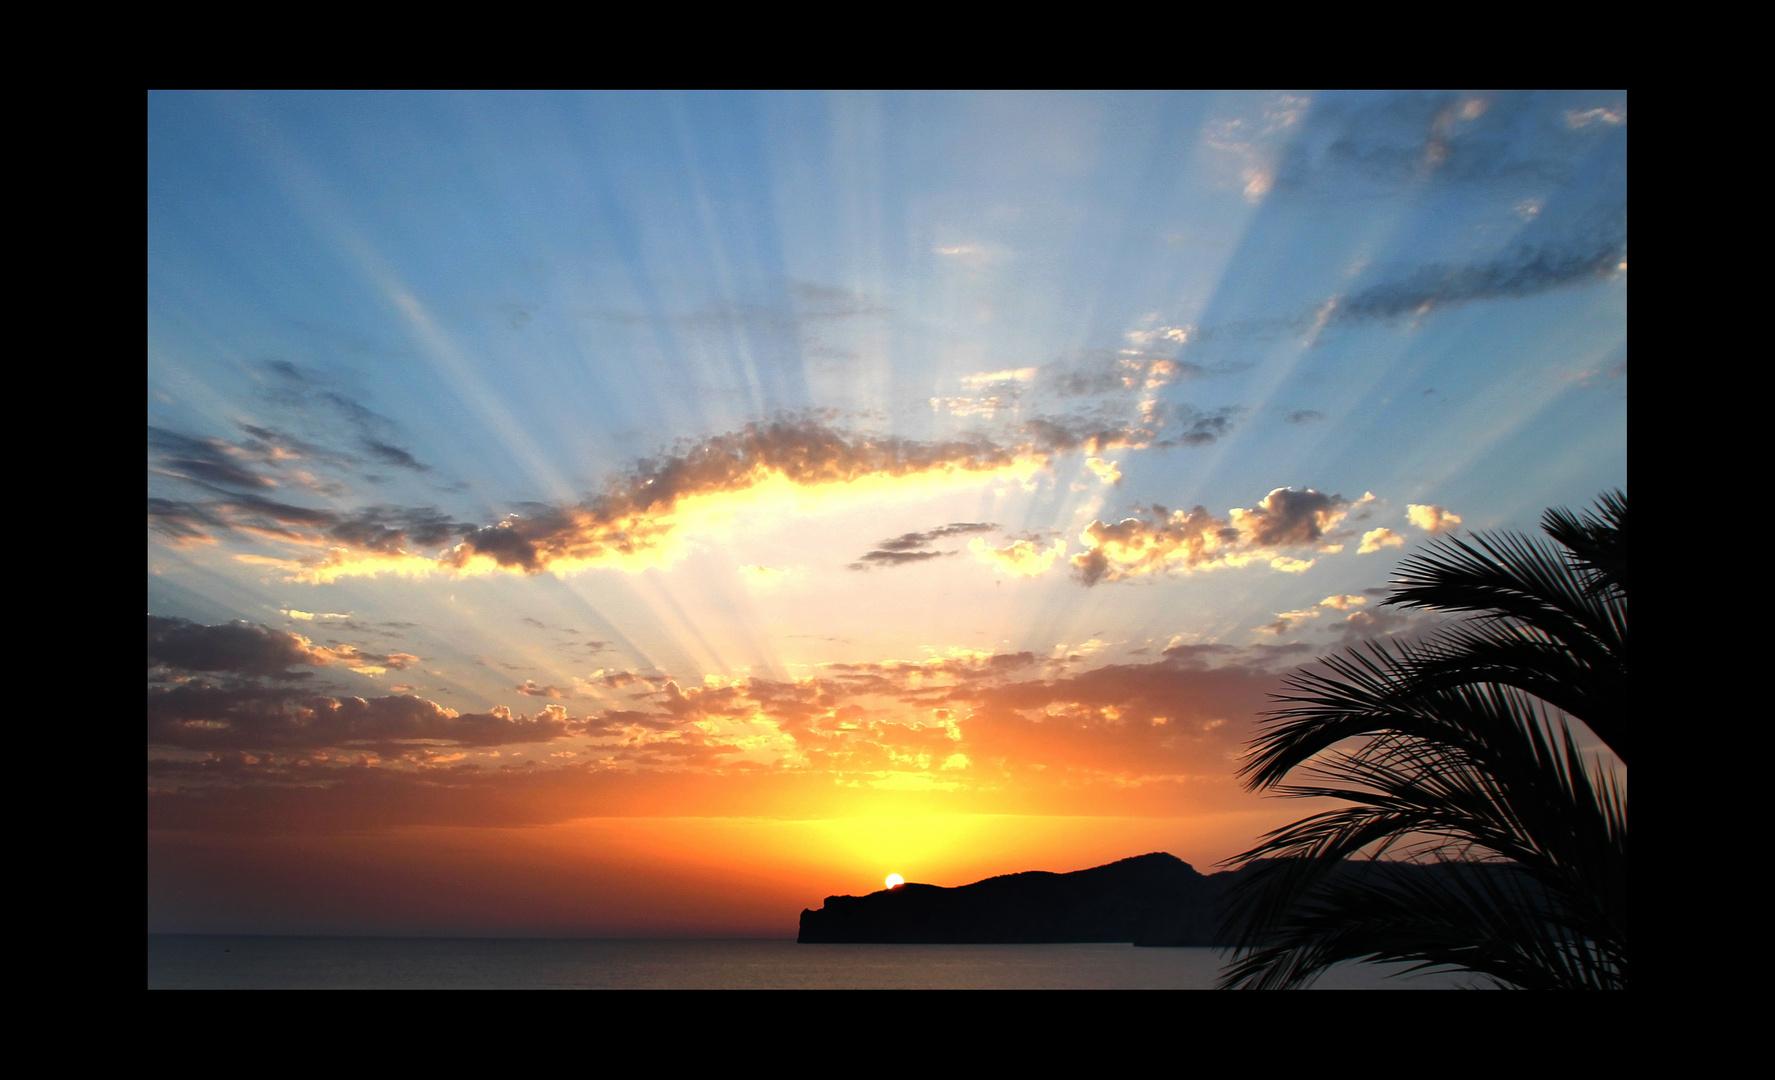 Sonnenuntergang - Sonnenstrahlen